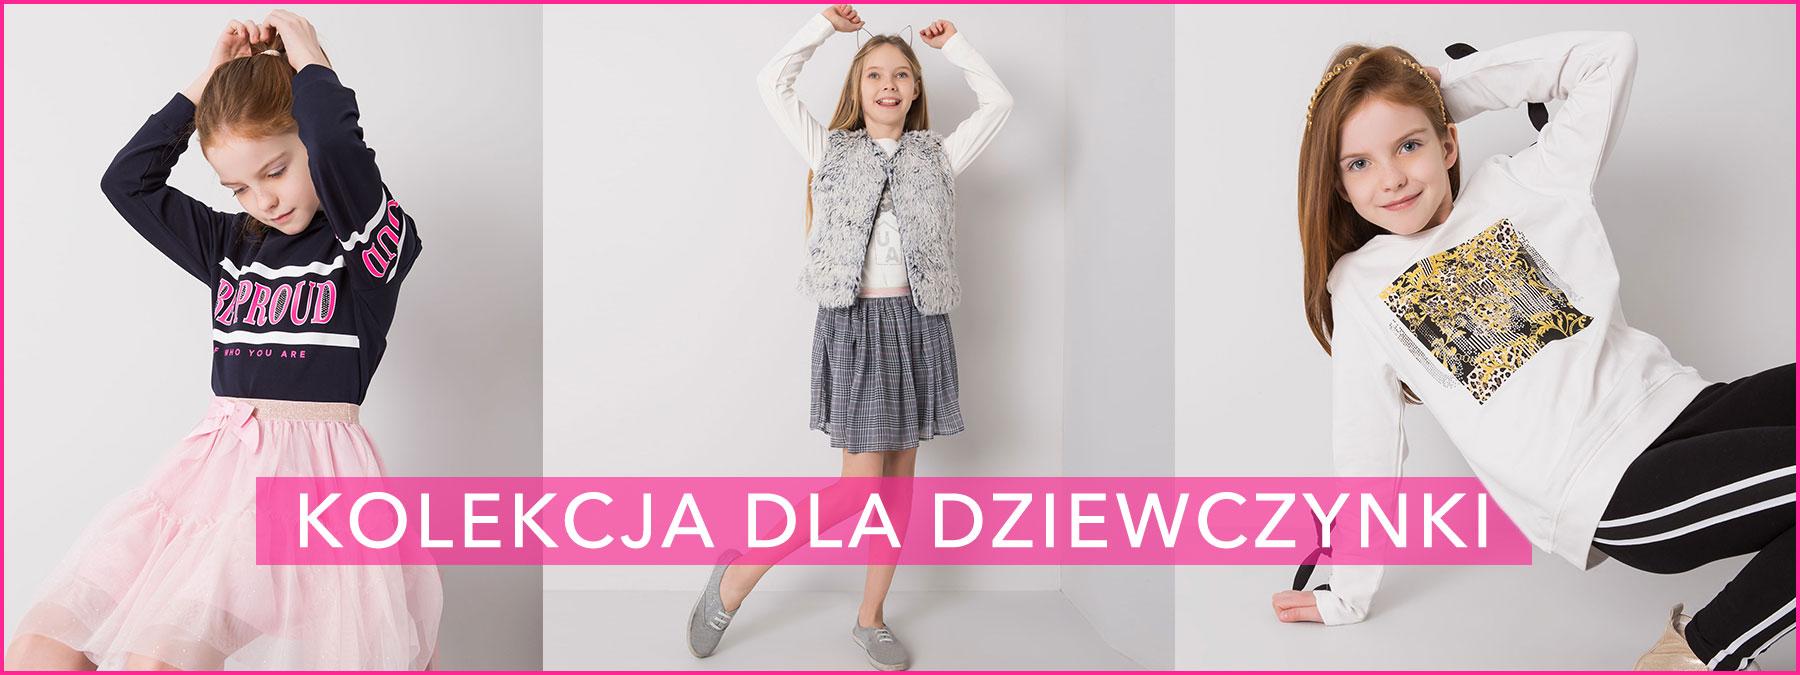 Odzież dla dziewczynek hurtownia online